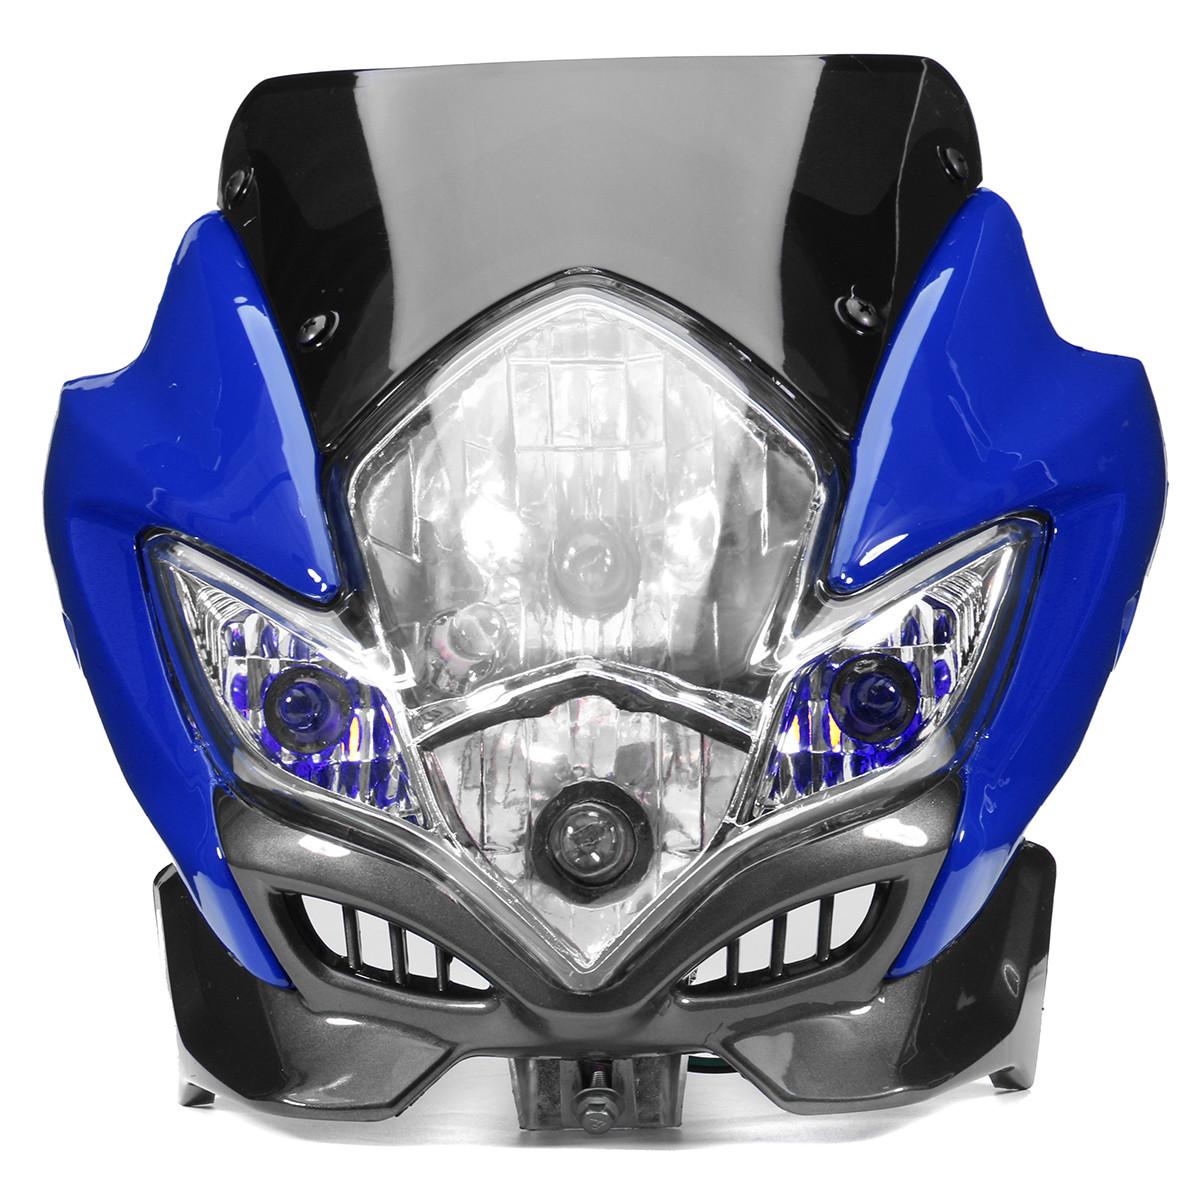 Универсальный мотоцикл Dirt Bike Street Fighter Headlight Лампа Велосипедный обтекатель - ➊TopShop ➠ Товары из Китая с бесплатной доставкой в Украину! в Днепре